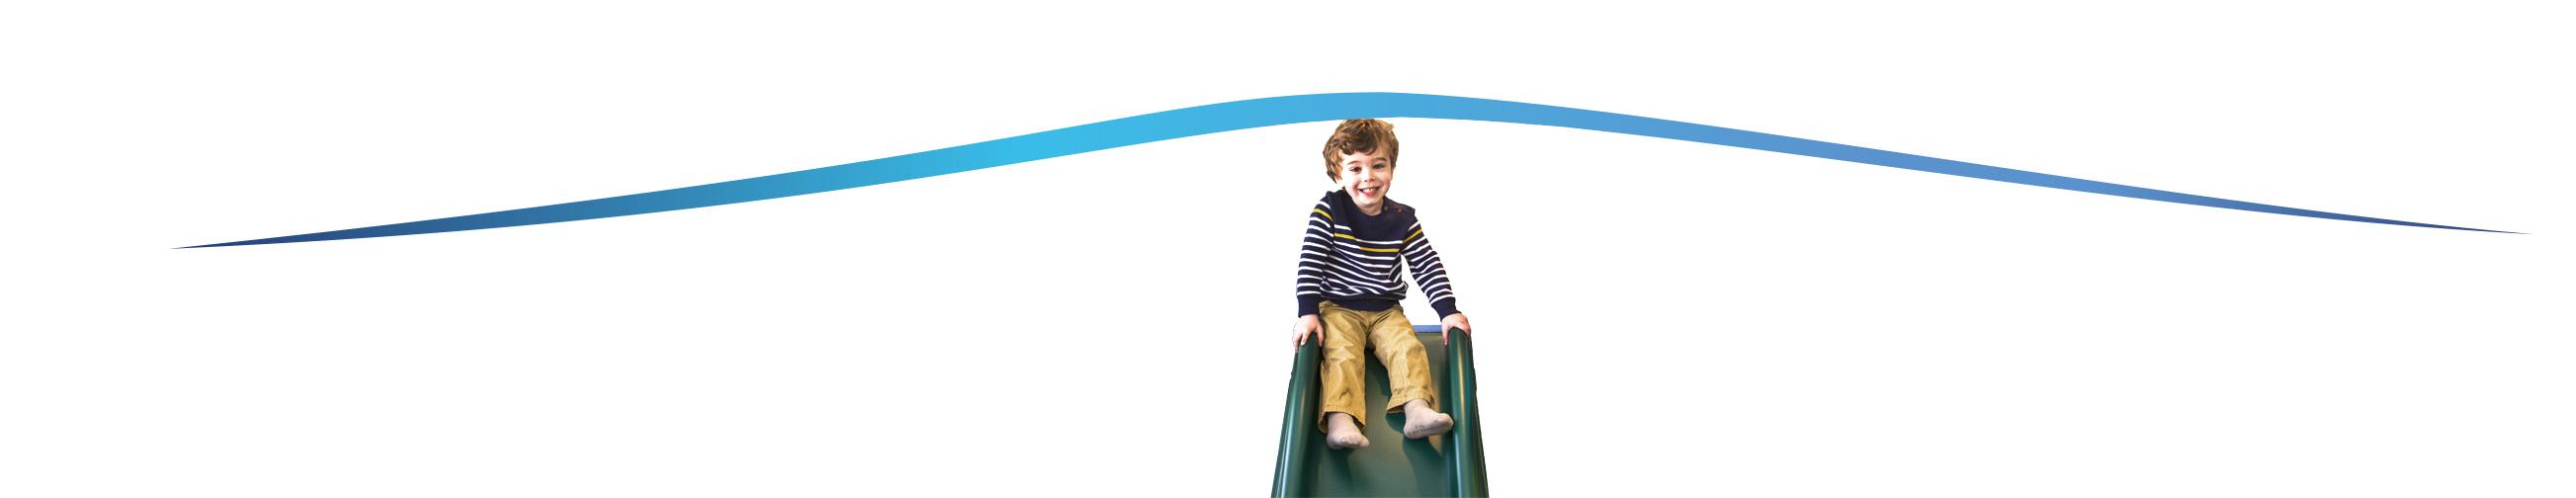 Sensory slide